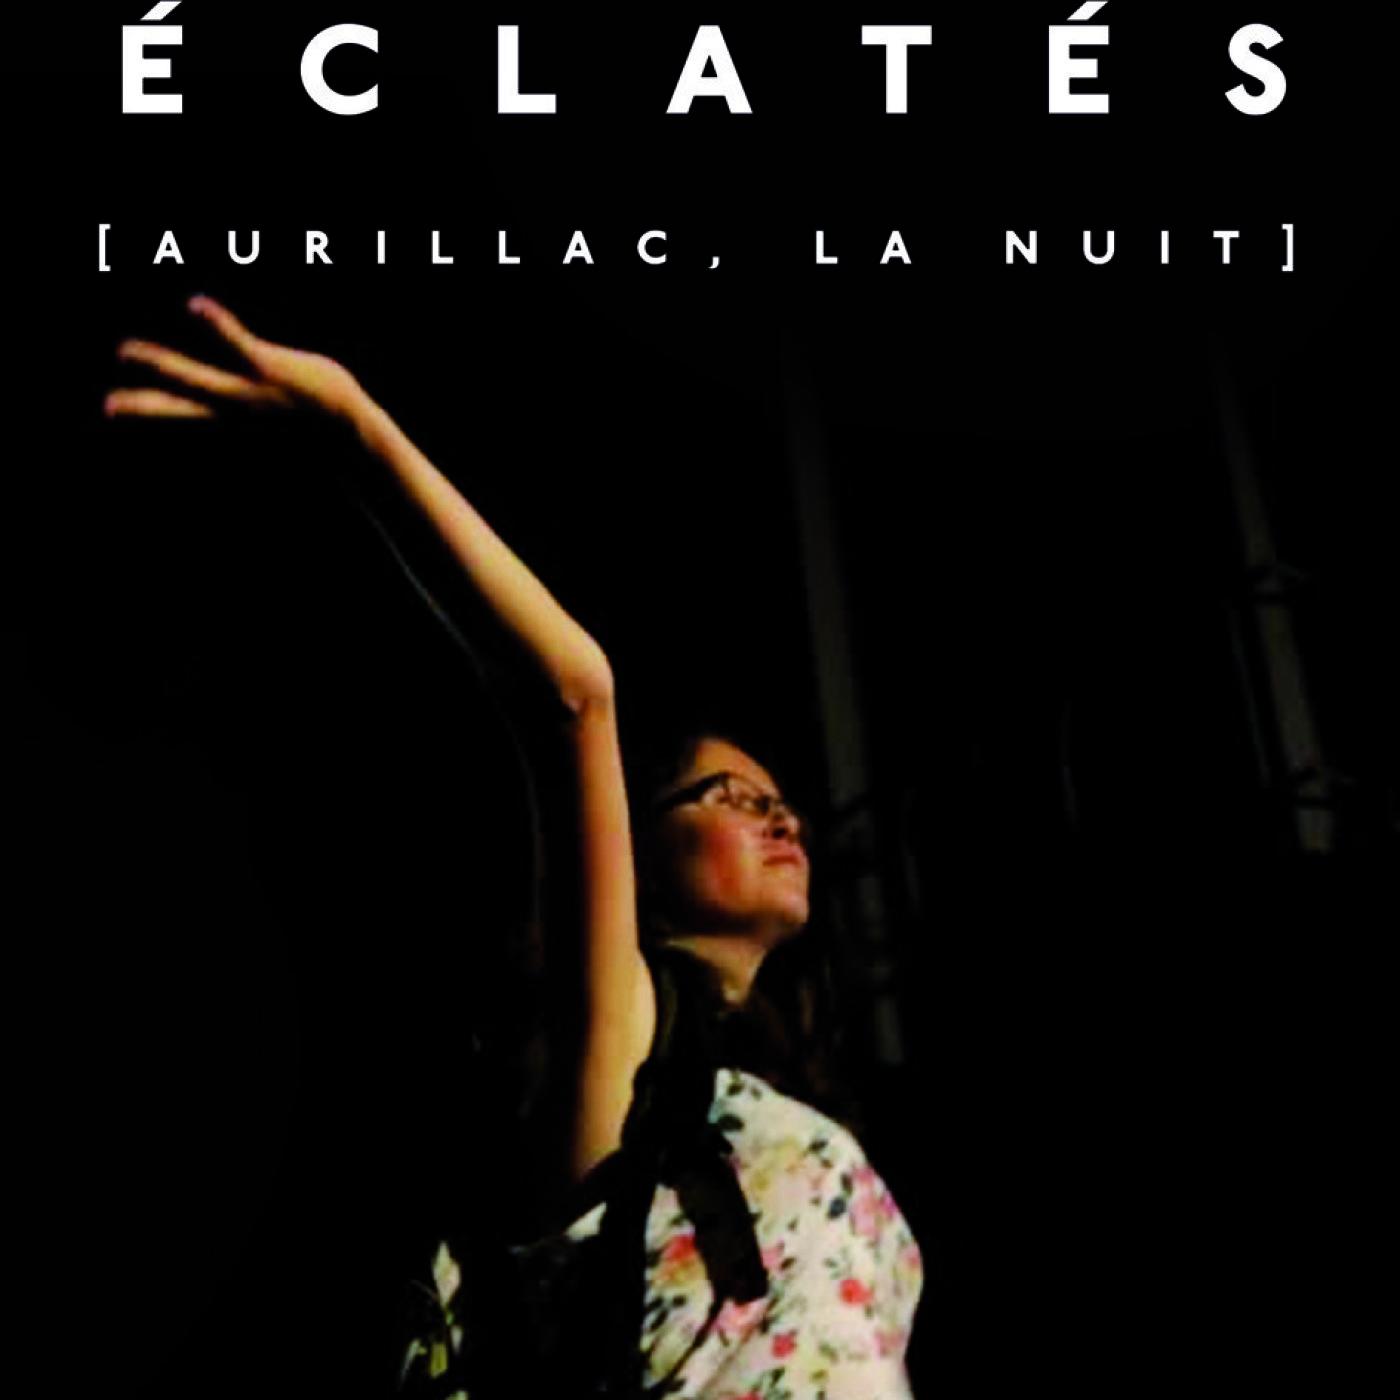 Éclatés [Aurillac La Nuit] de Charles Habib Drouot sur TRIPTYQUE FILMS